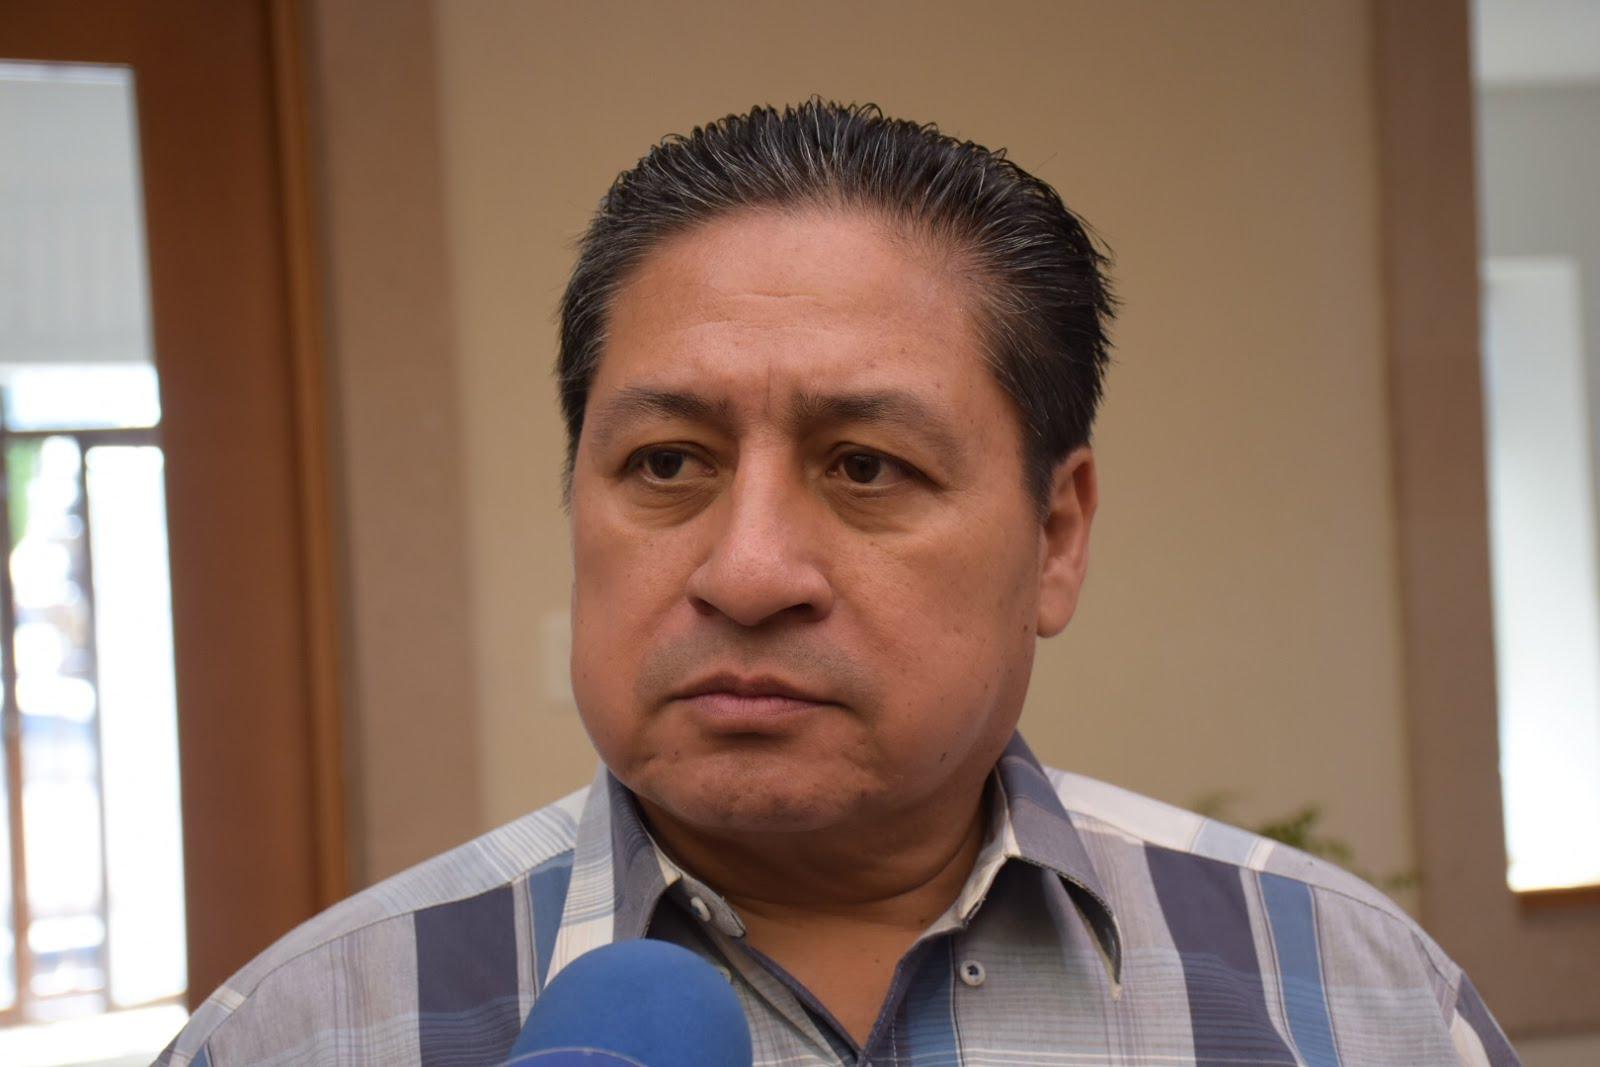 SOLEDAD RECLUTARÁ 20 NUEVOS ELEMENTOS POLICIACOS